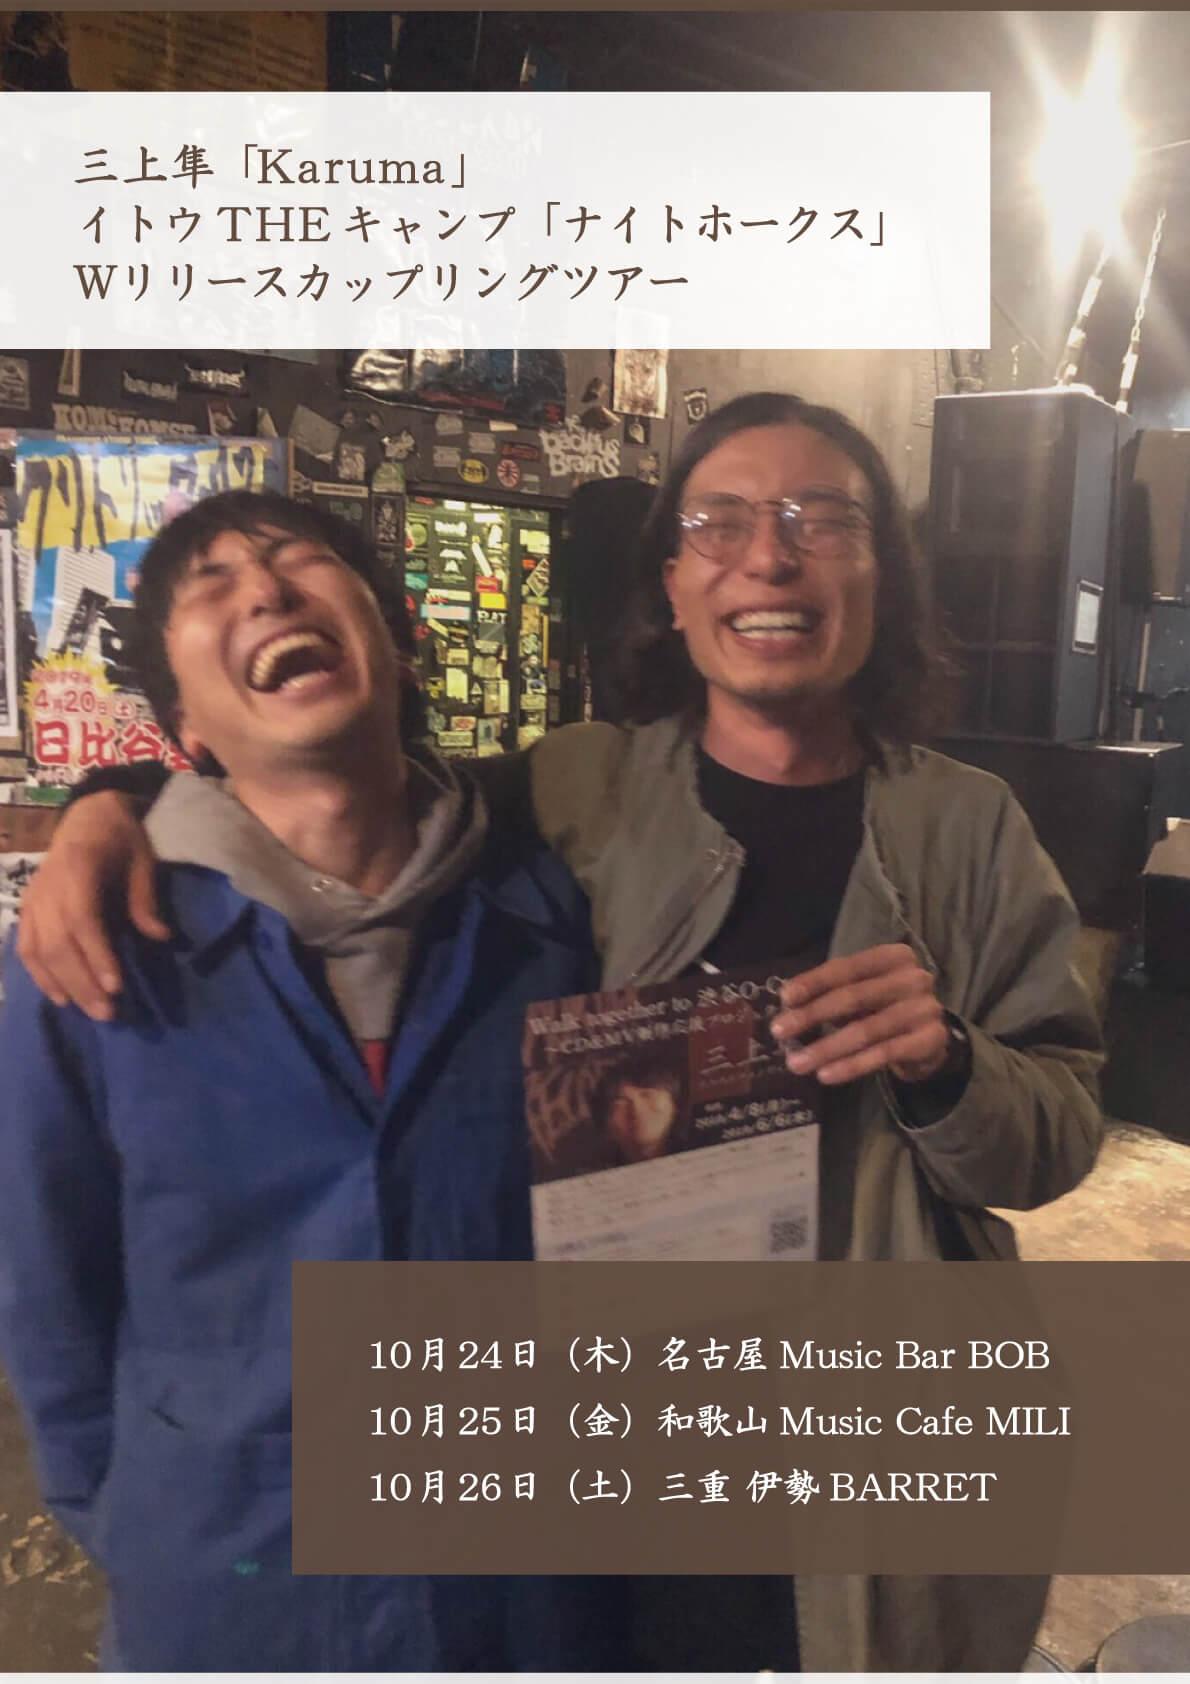 三上隼「Karuma – EP」&イトウTHEキャンプ「ナイトホークス」Wリリースカップリングツアー2019